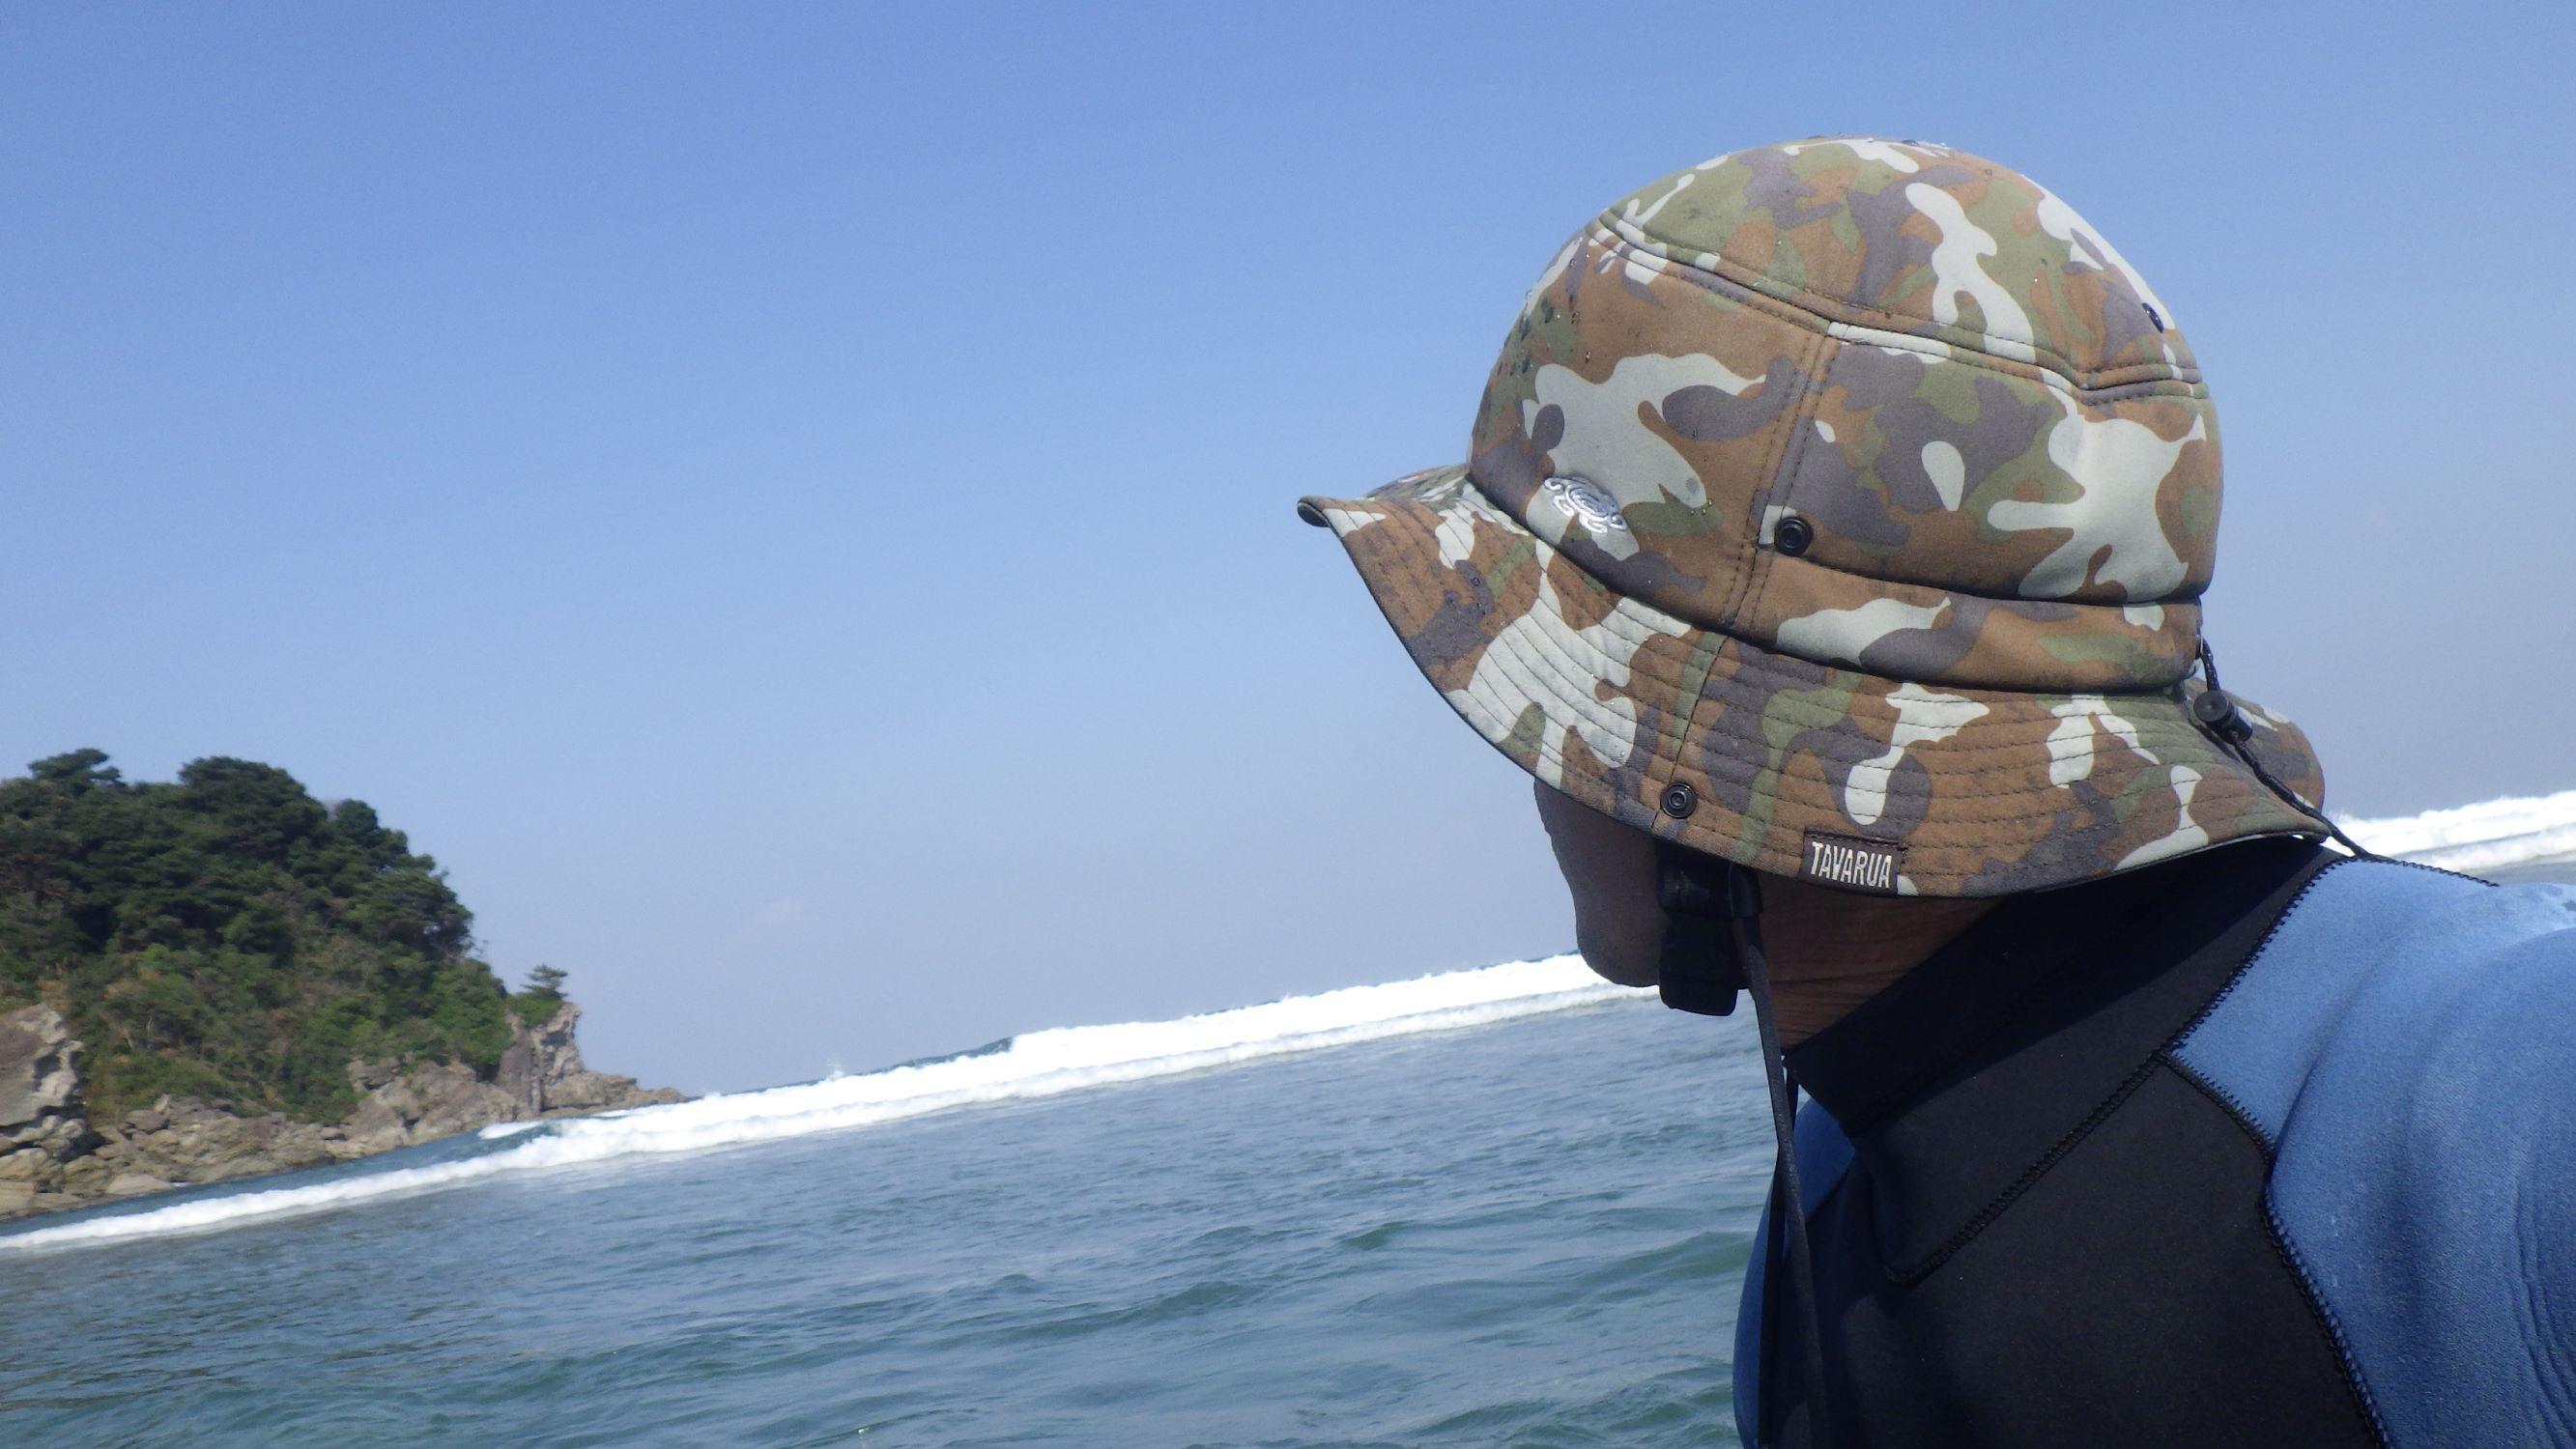 九州から電車に乗って、サーフィンスクールを受けに来てくれました。_f0009169_20075349.jpg